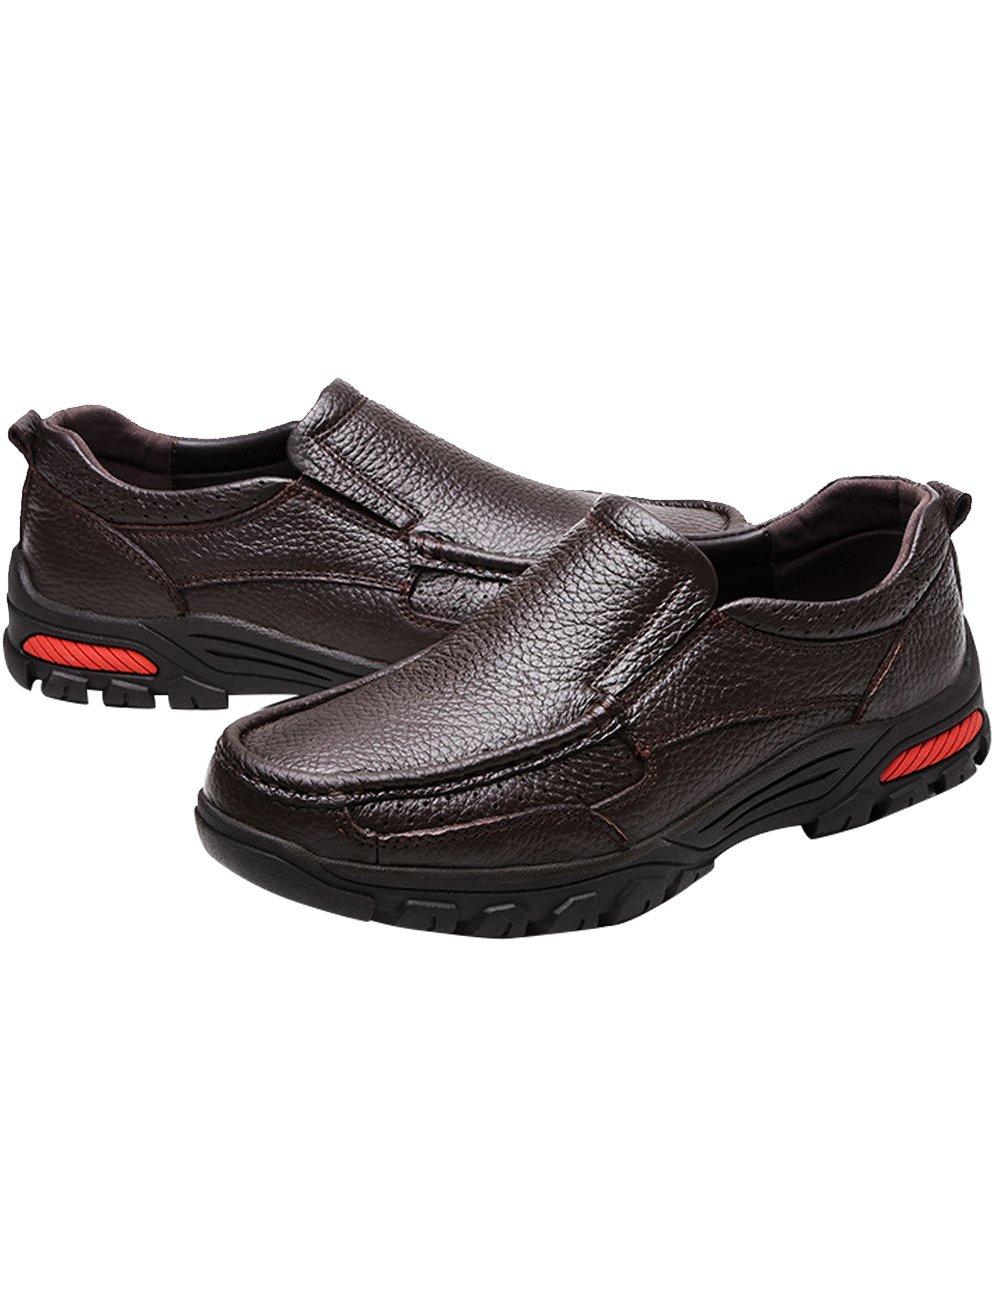 Menschwear メンズ CN-QZZF-9087 B07B2KDZ13 11 D(M) US|Brown-9087 Brown-9087 11 D(M) US